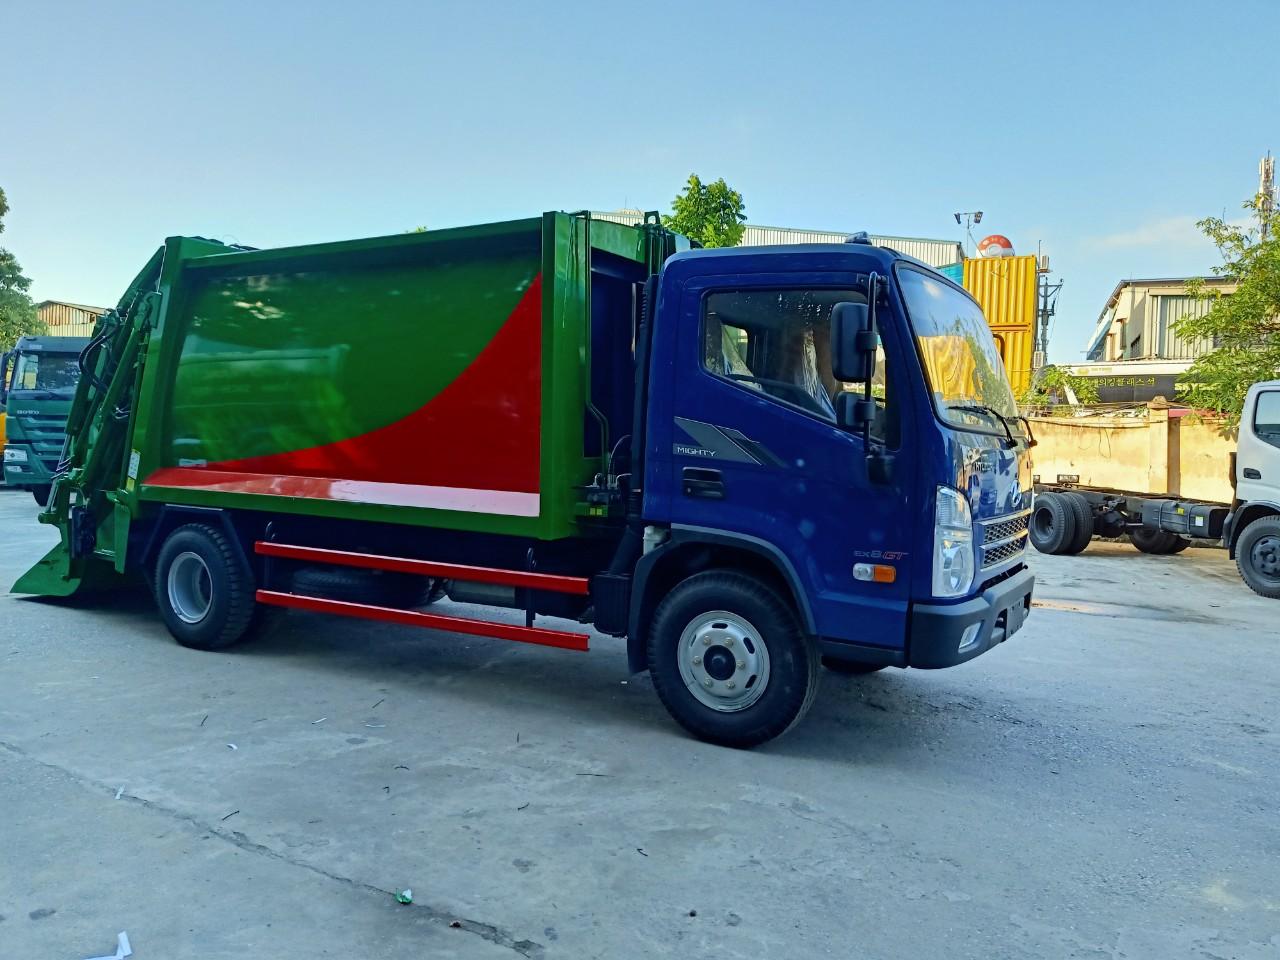 Giảm giá lên đến 30 triệu khi mua xe ép rác 10 khối HYUNDAI 2020